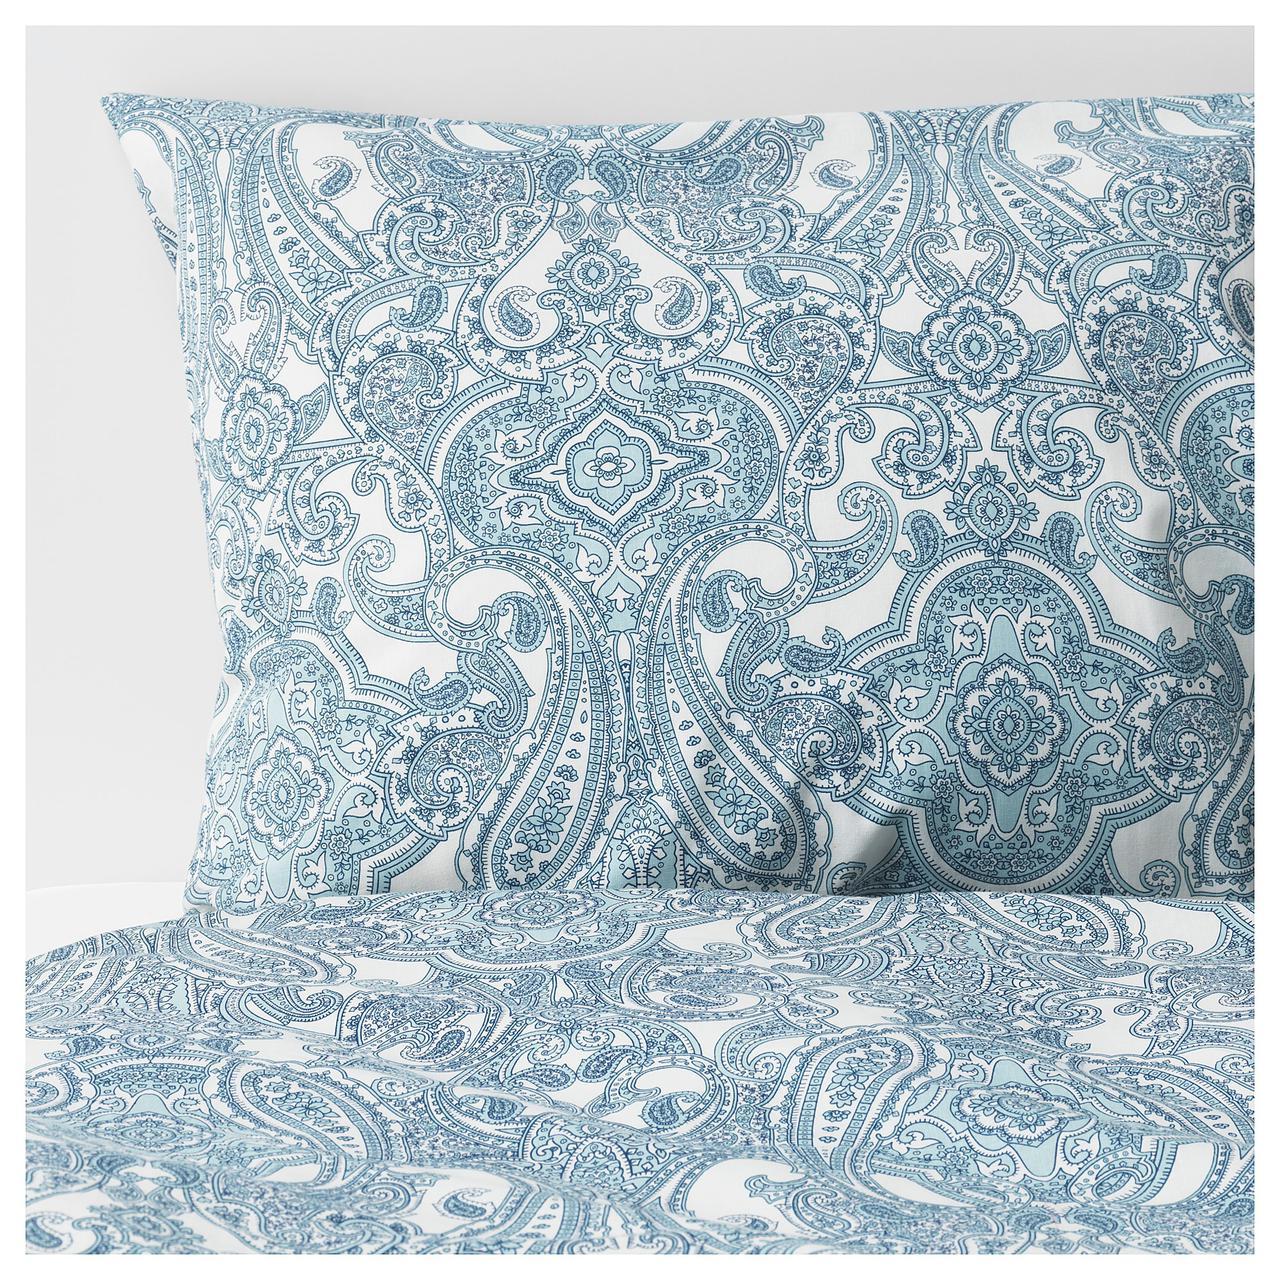 Комплект постельного белья IKEA JÄTTEVALLMO 150х200 см белый синий с узором 503.997.09